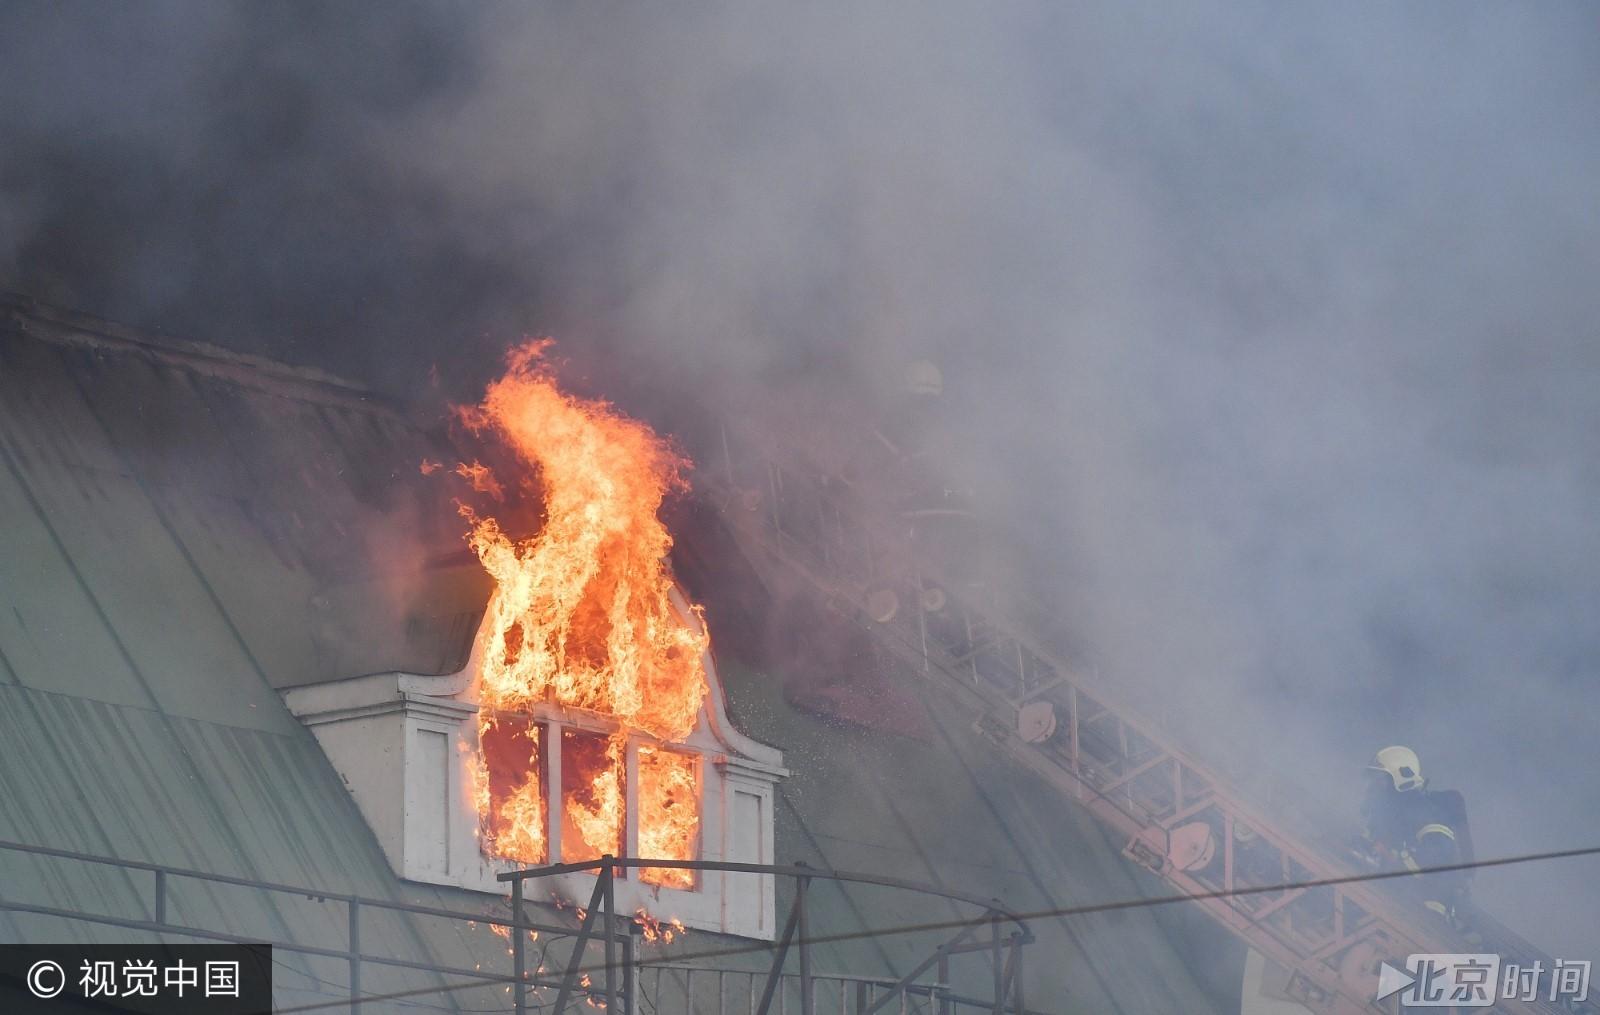 莫斯科一购物中心发生大火 火灾面积达1500平米